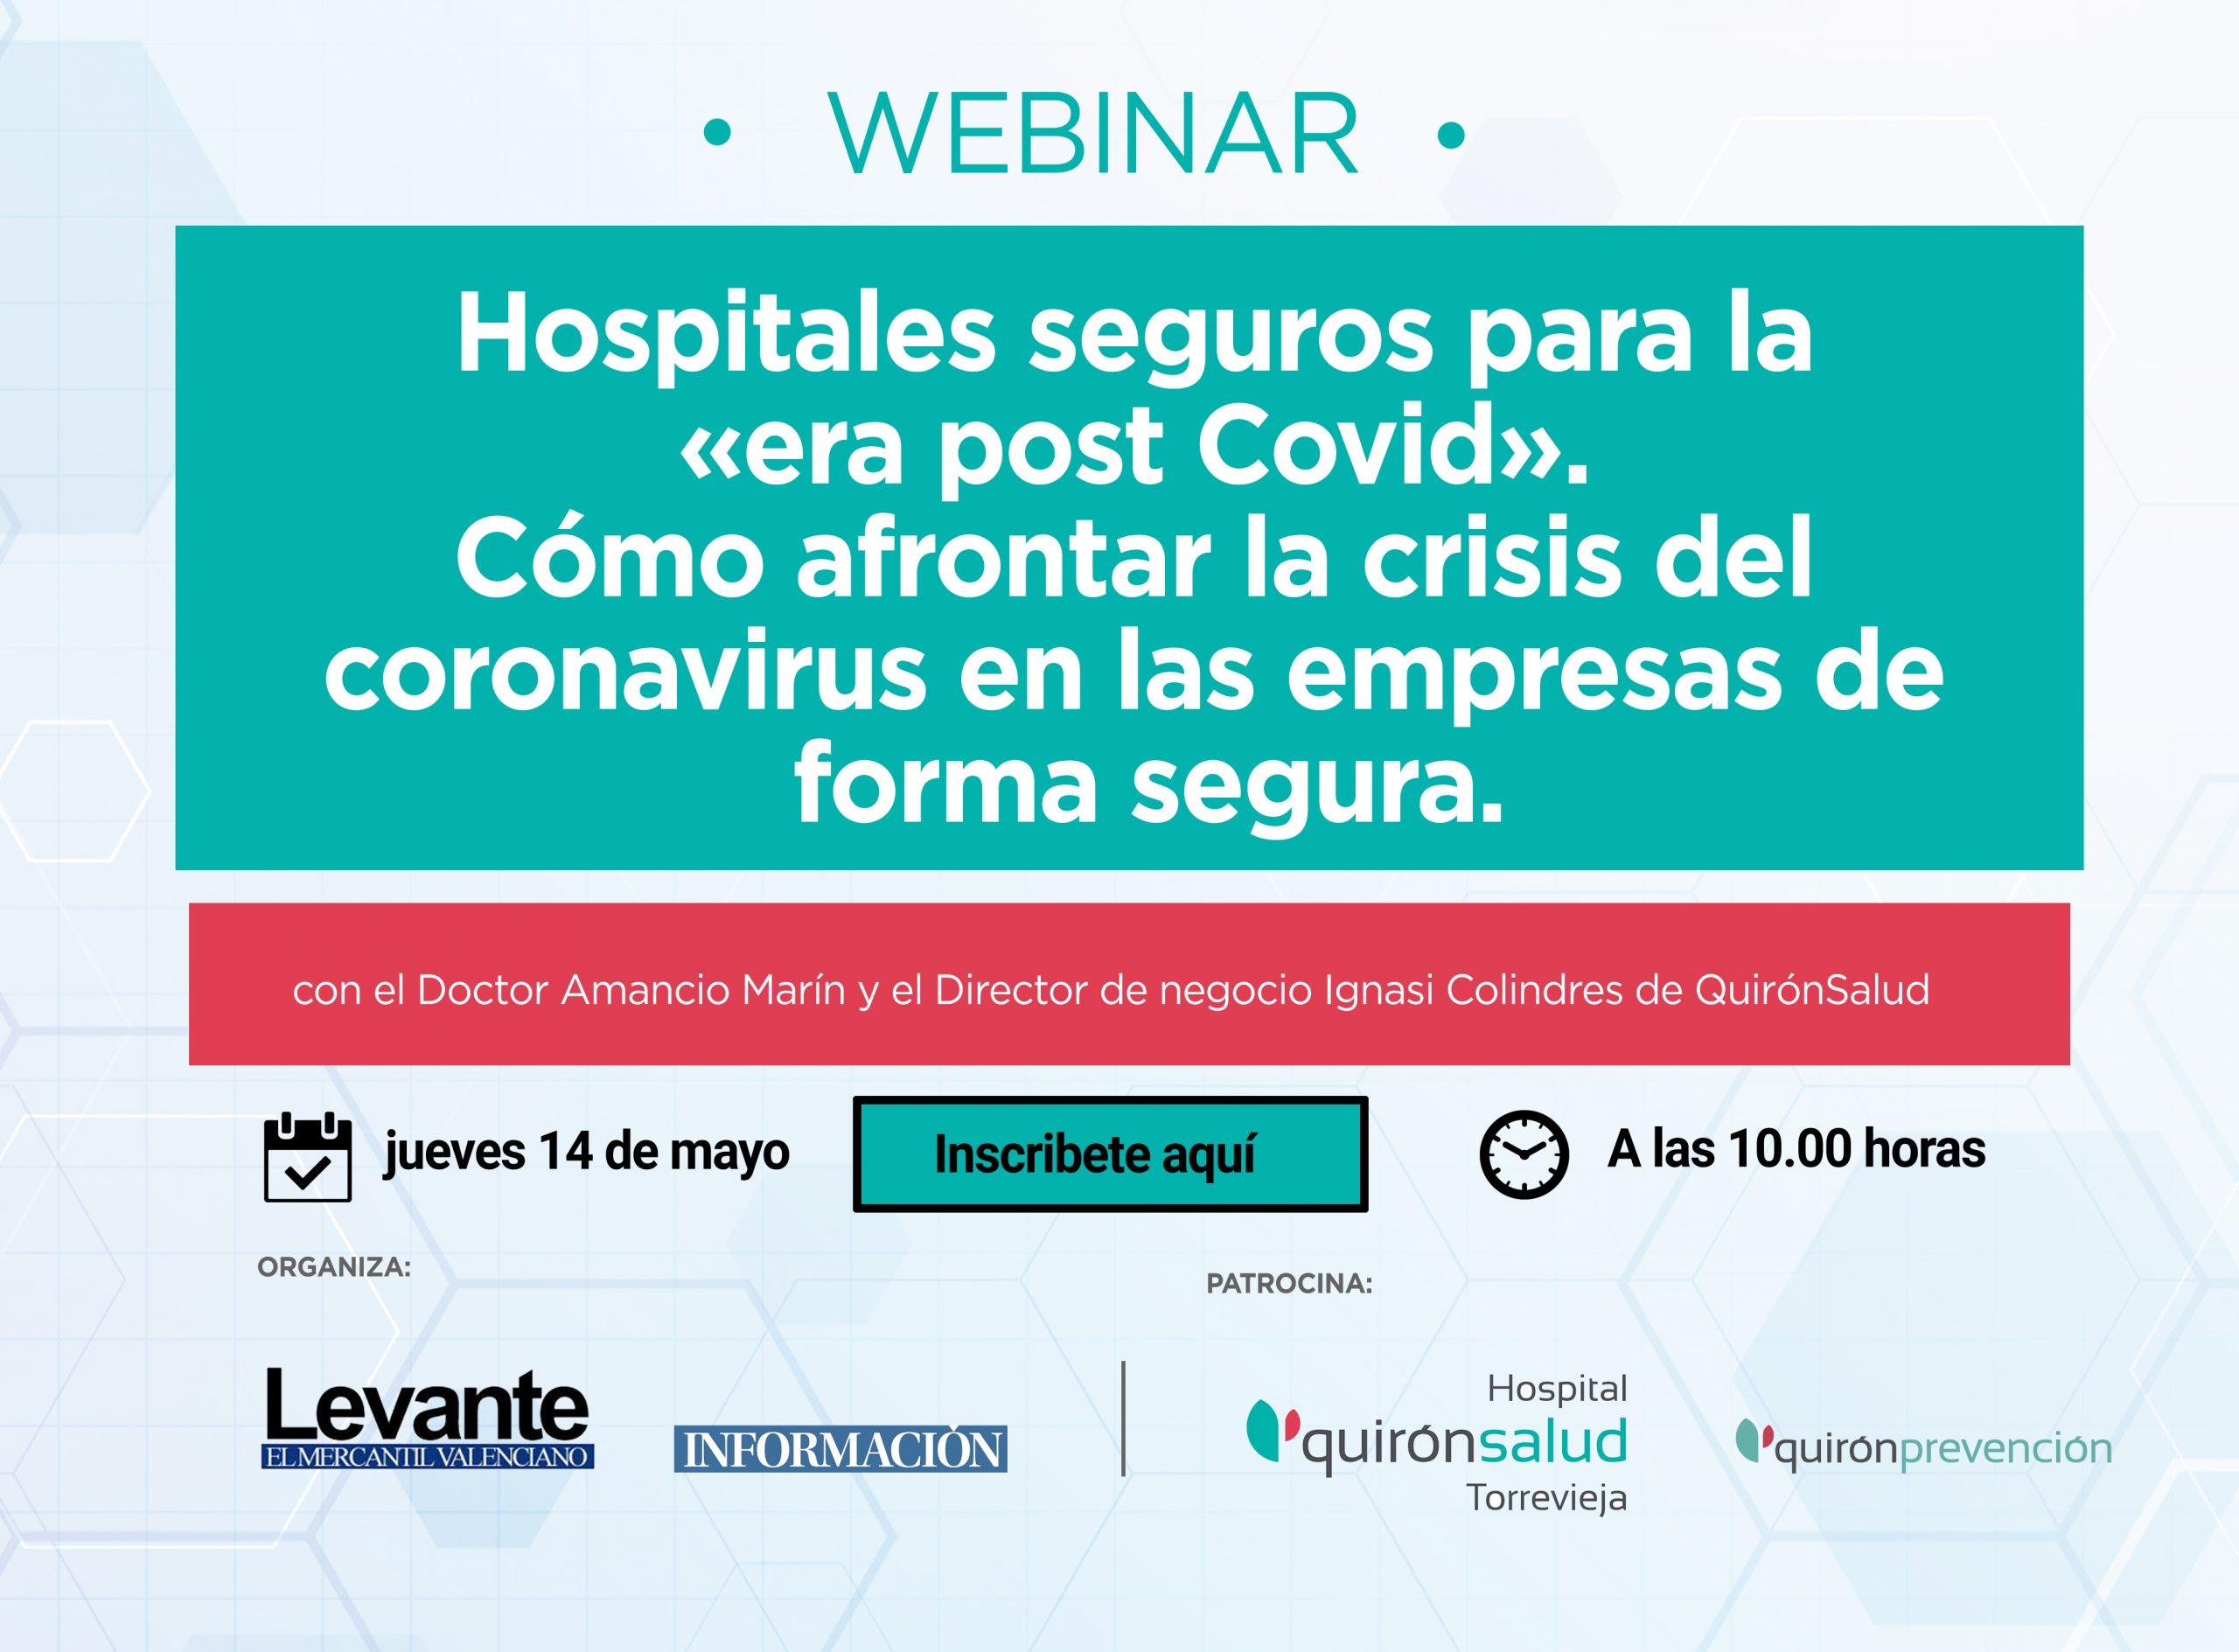 """""""Hospitales seguros para la era post Covid» y cómo afrontar la crisis del coronavirus en las empresas de forma segura""""."""